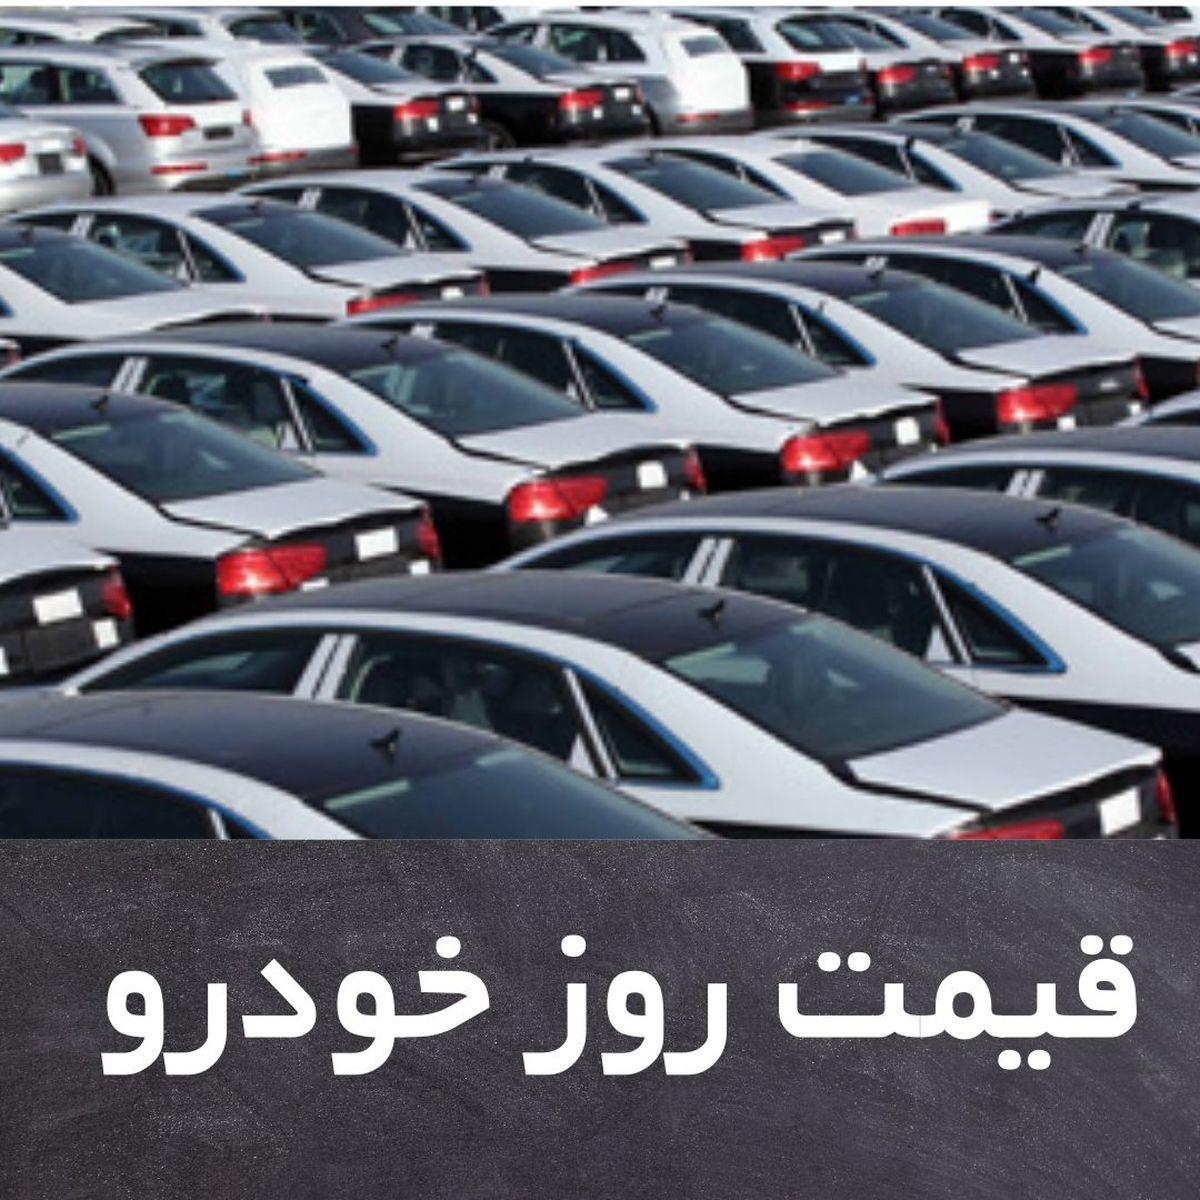 قیمت خودرو به شدت کاهش یافت + آخرین قیمت بازار